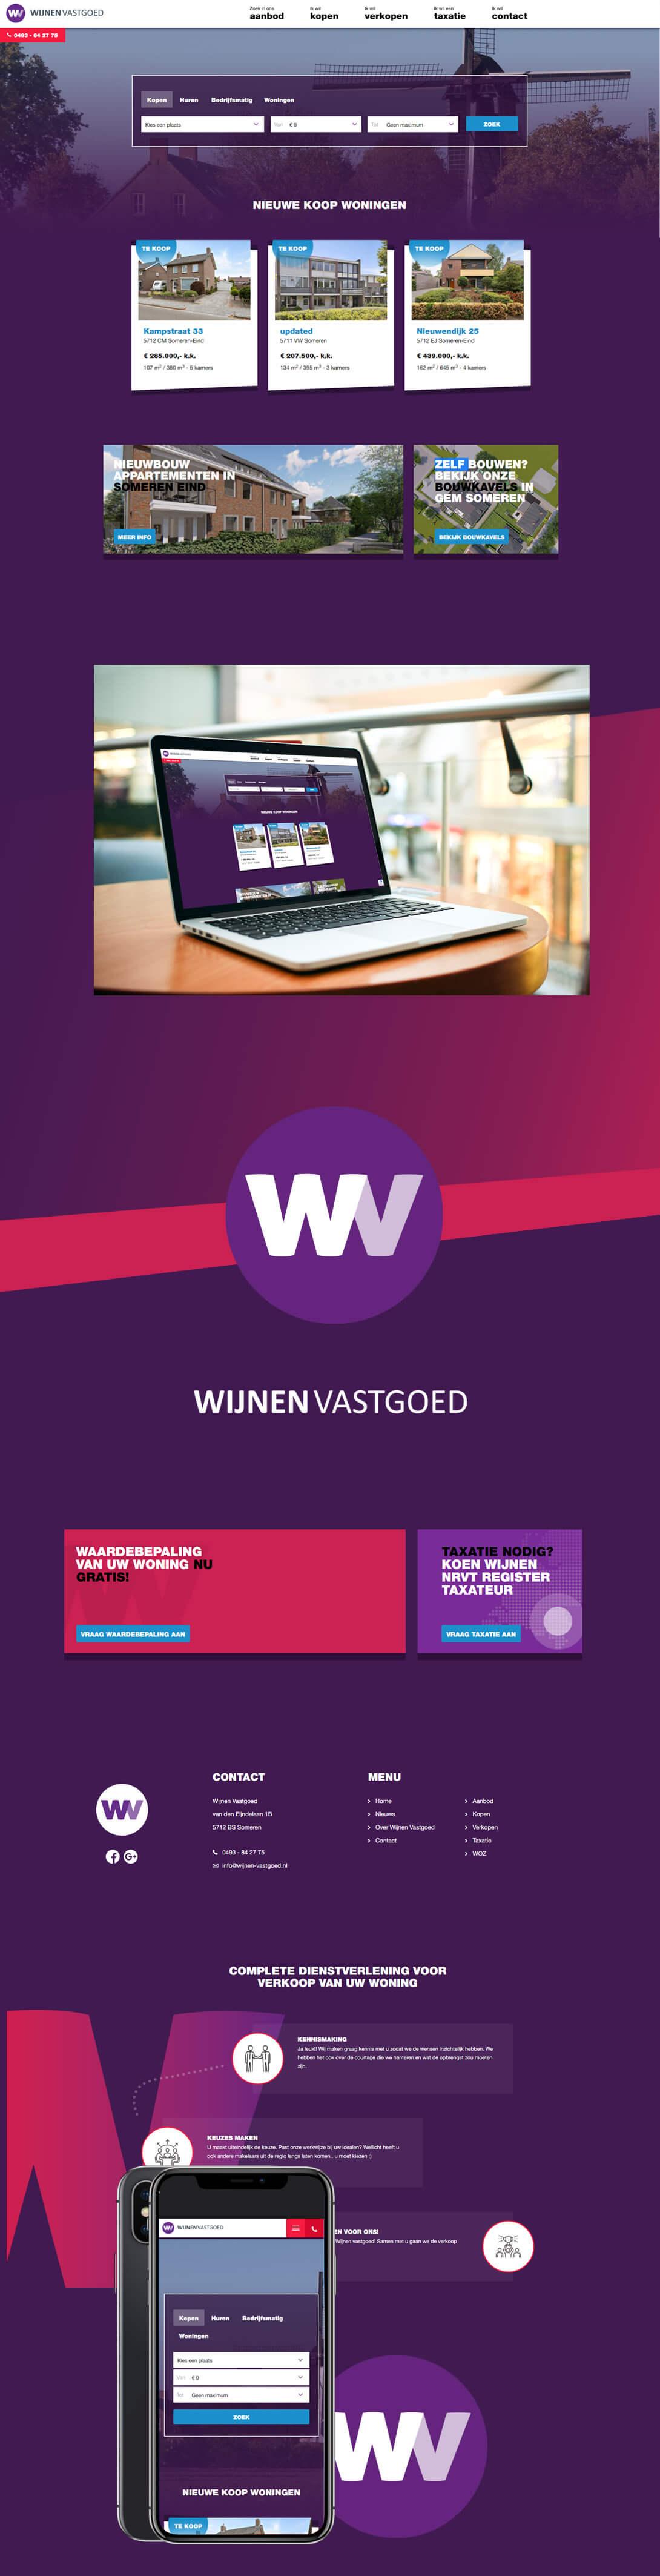 Wijnen Vastgoed Makelaarswebsite maken content steenstramedia